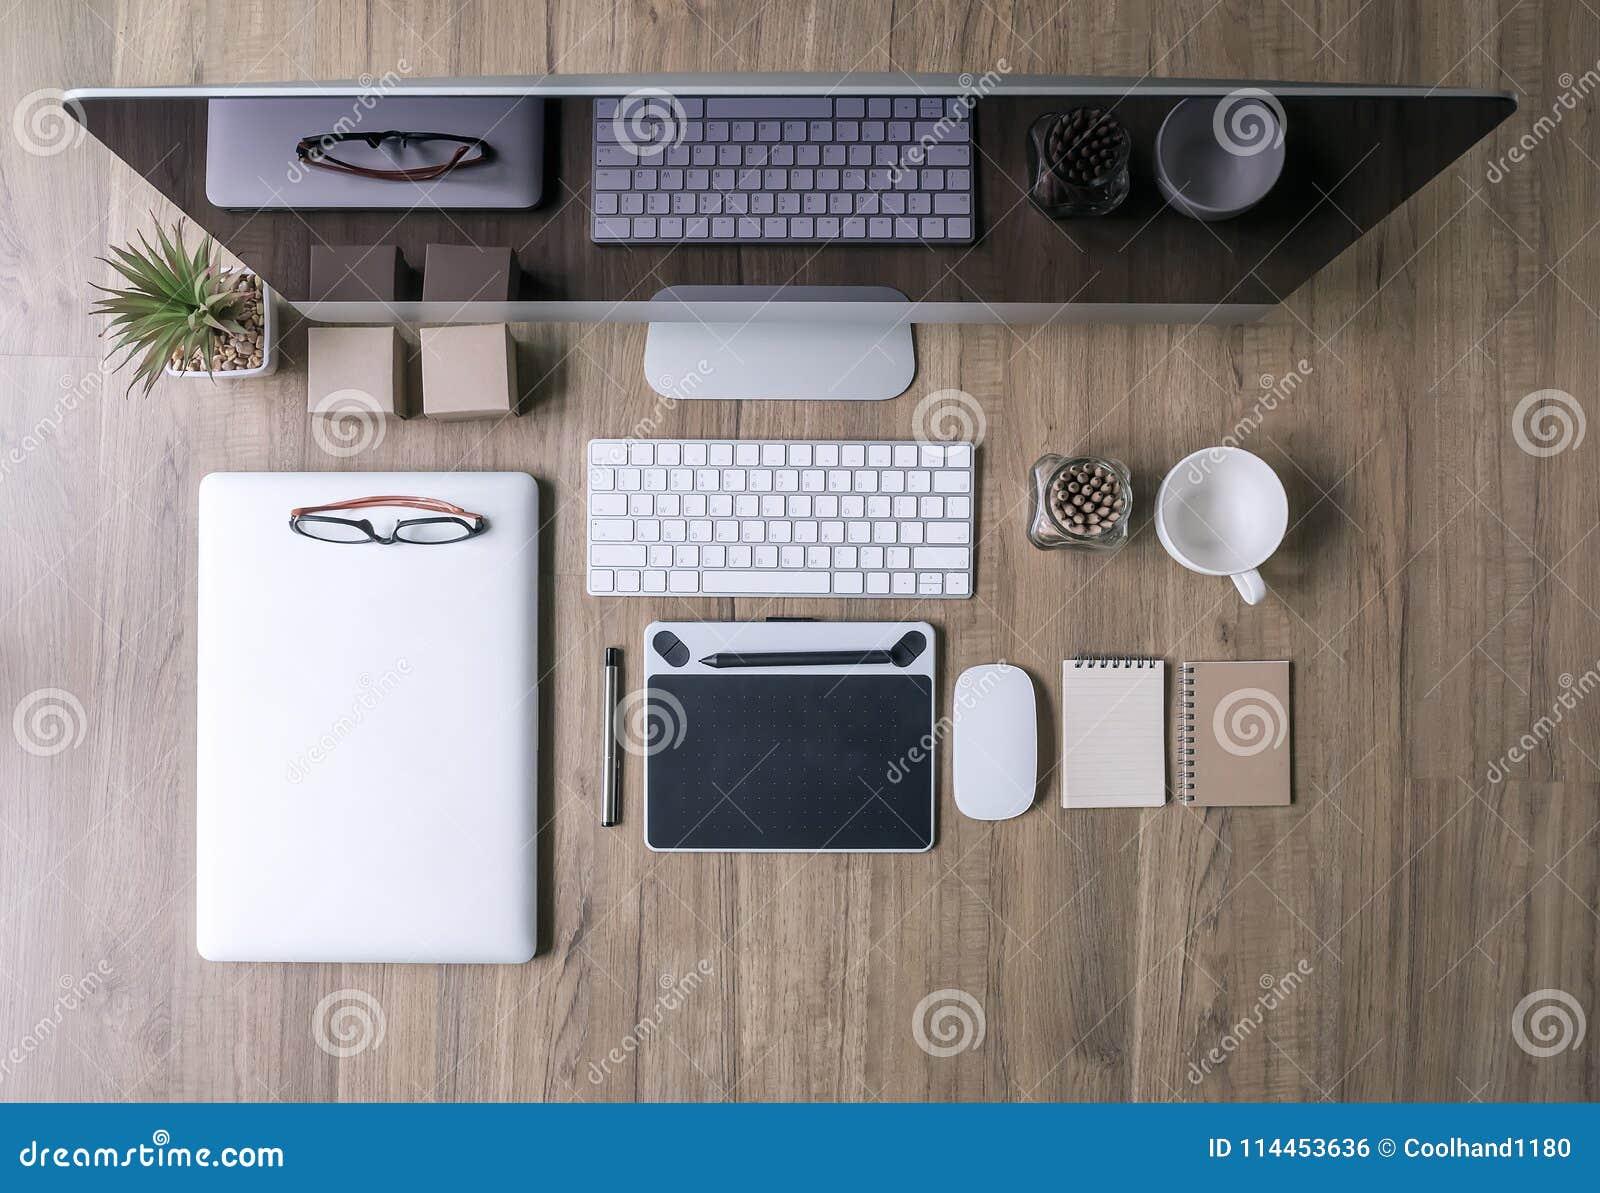 Disegno Uomo Alla Scrivania : Visualizzazione superiore del lavoro della scrivania con il